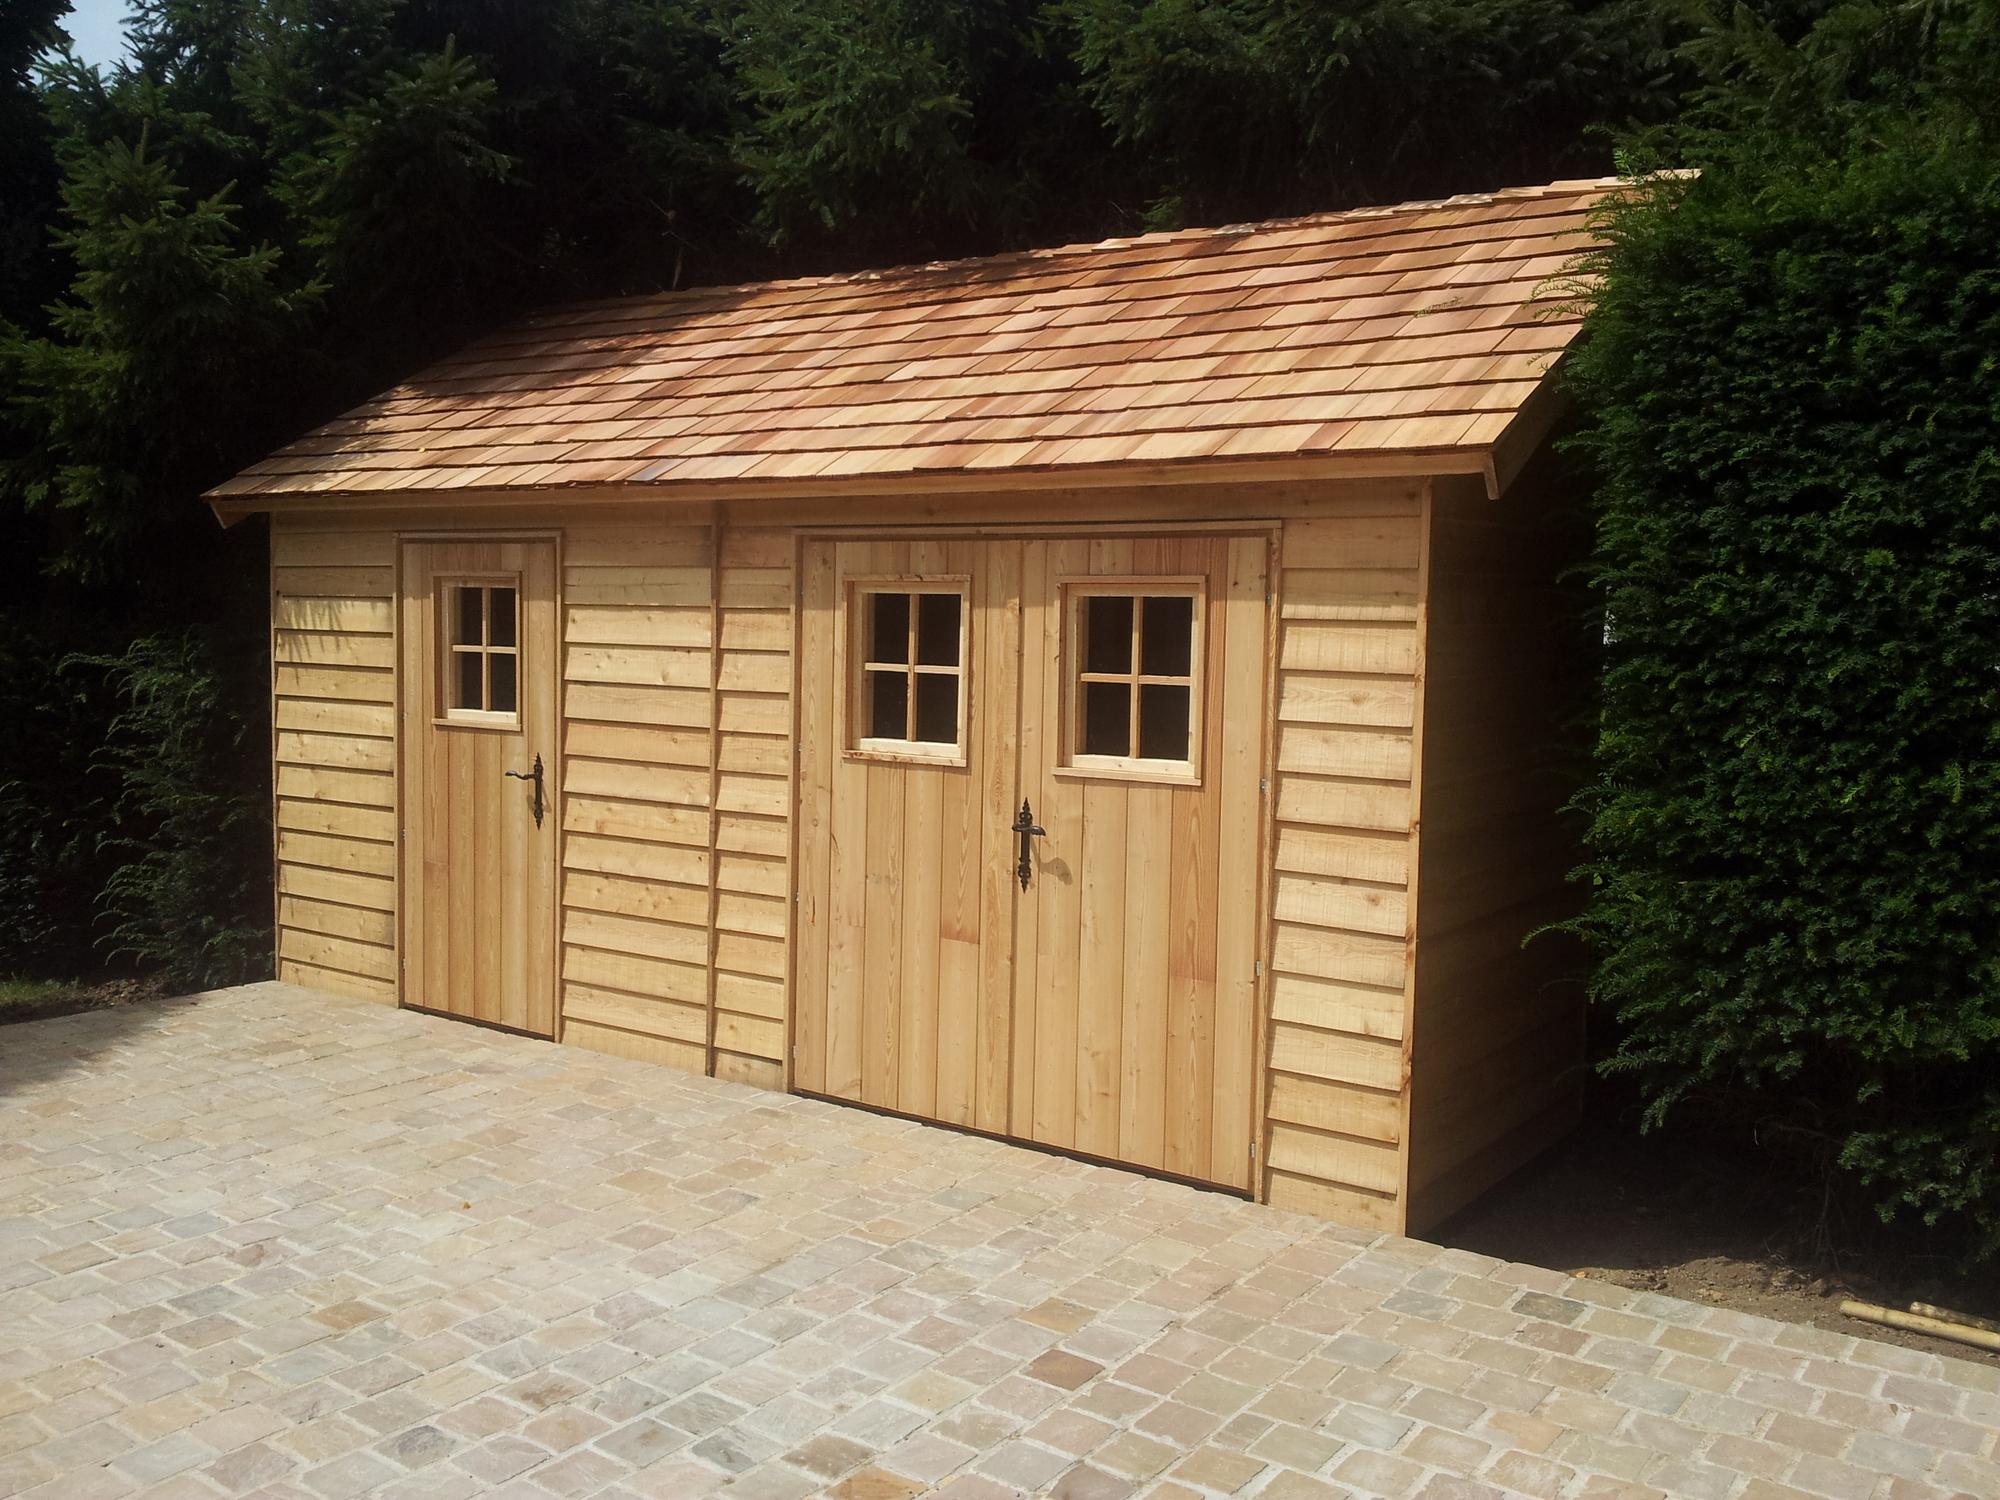 Fabricant abri de jardin belgique 30542 jardin id es for Abris de jardin belgique fabricant